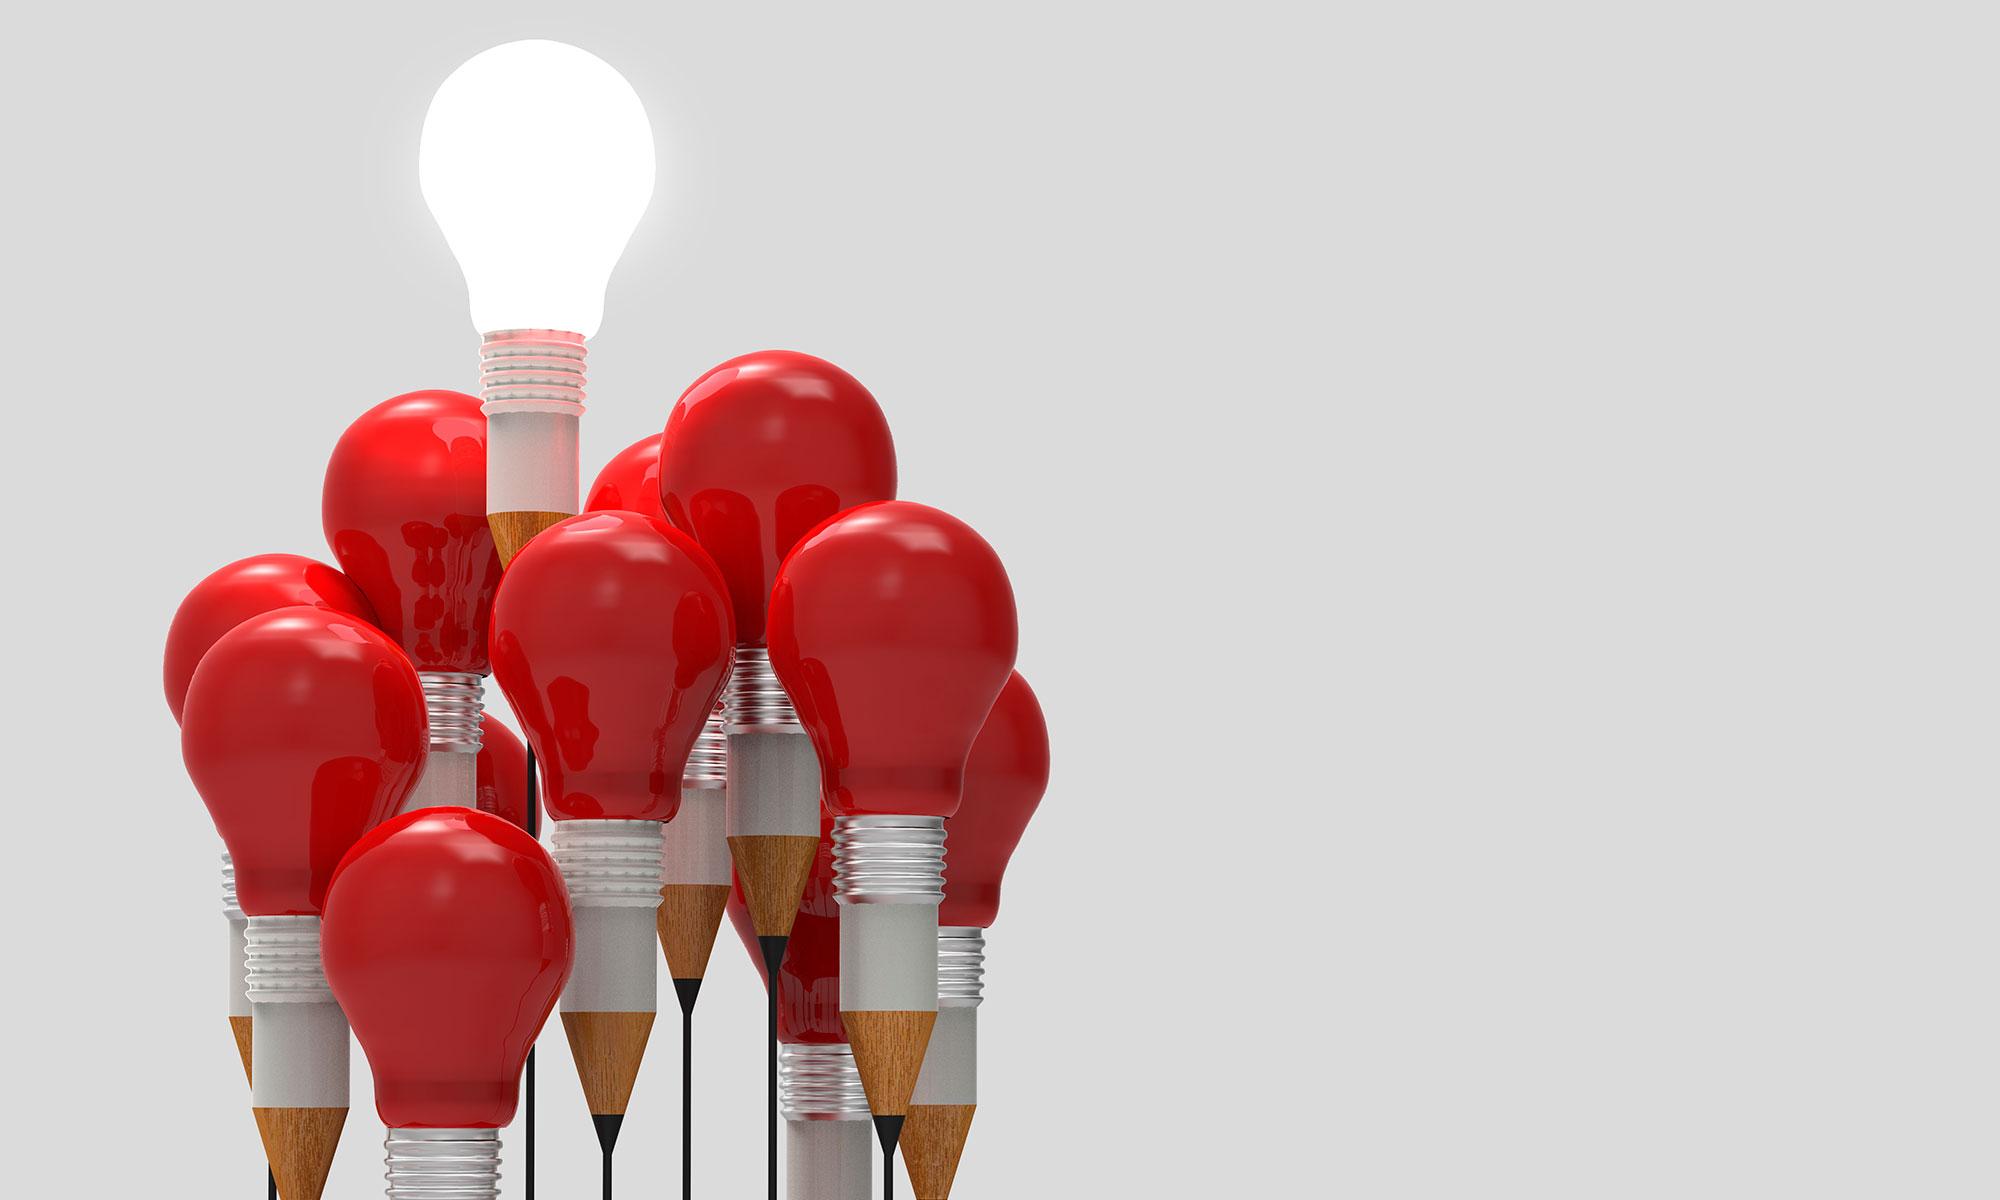 Integramos en su organización los profesionales más cualificados que pueden hacer que su negocio prospere